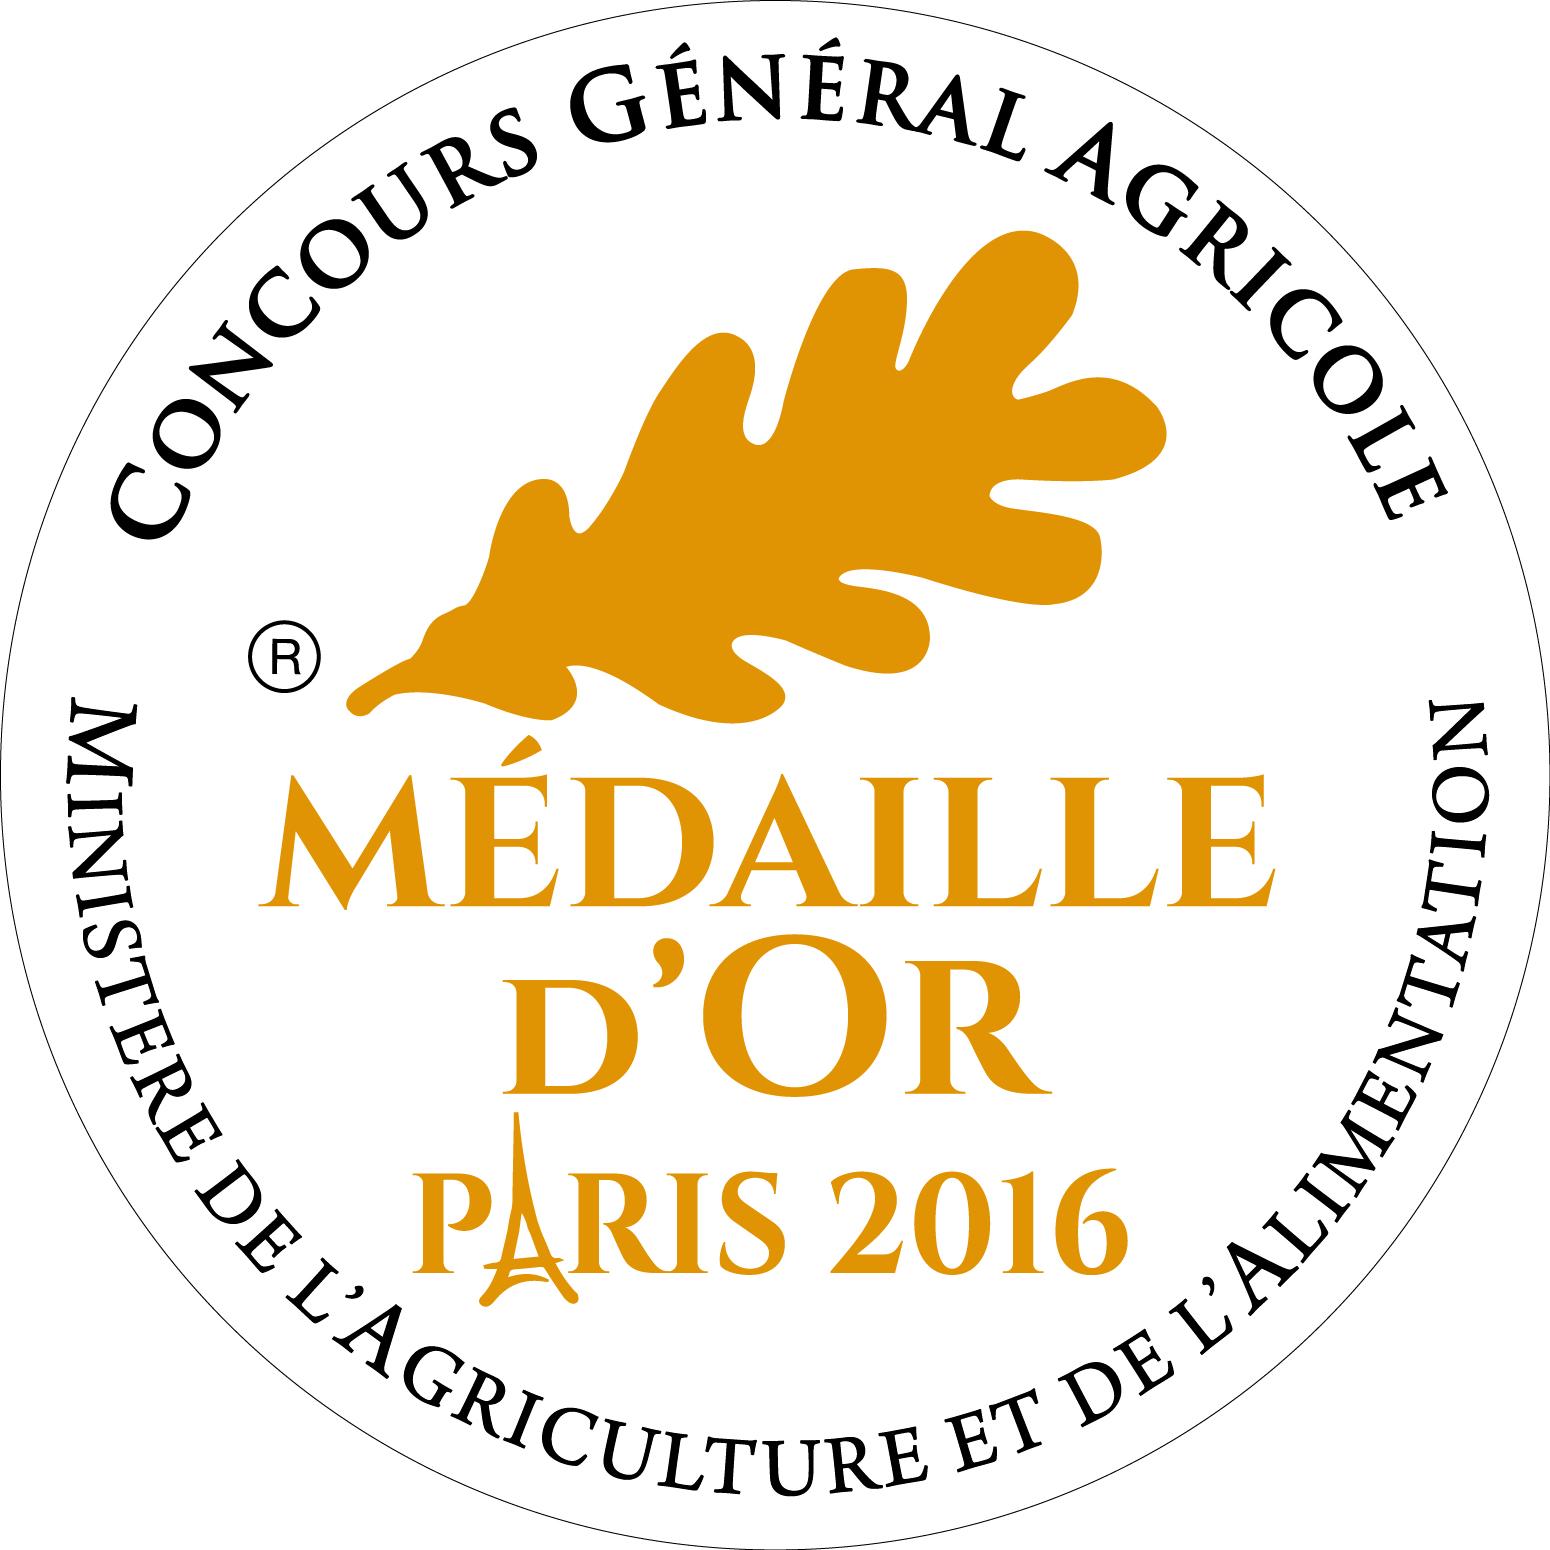 médaille or paris